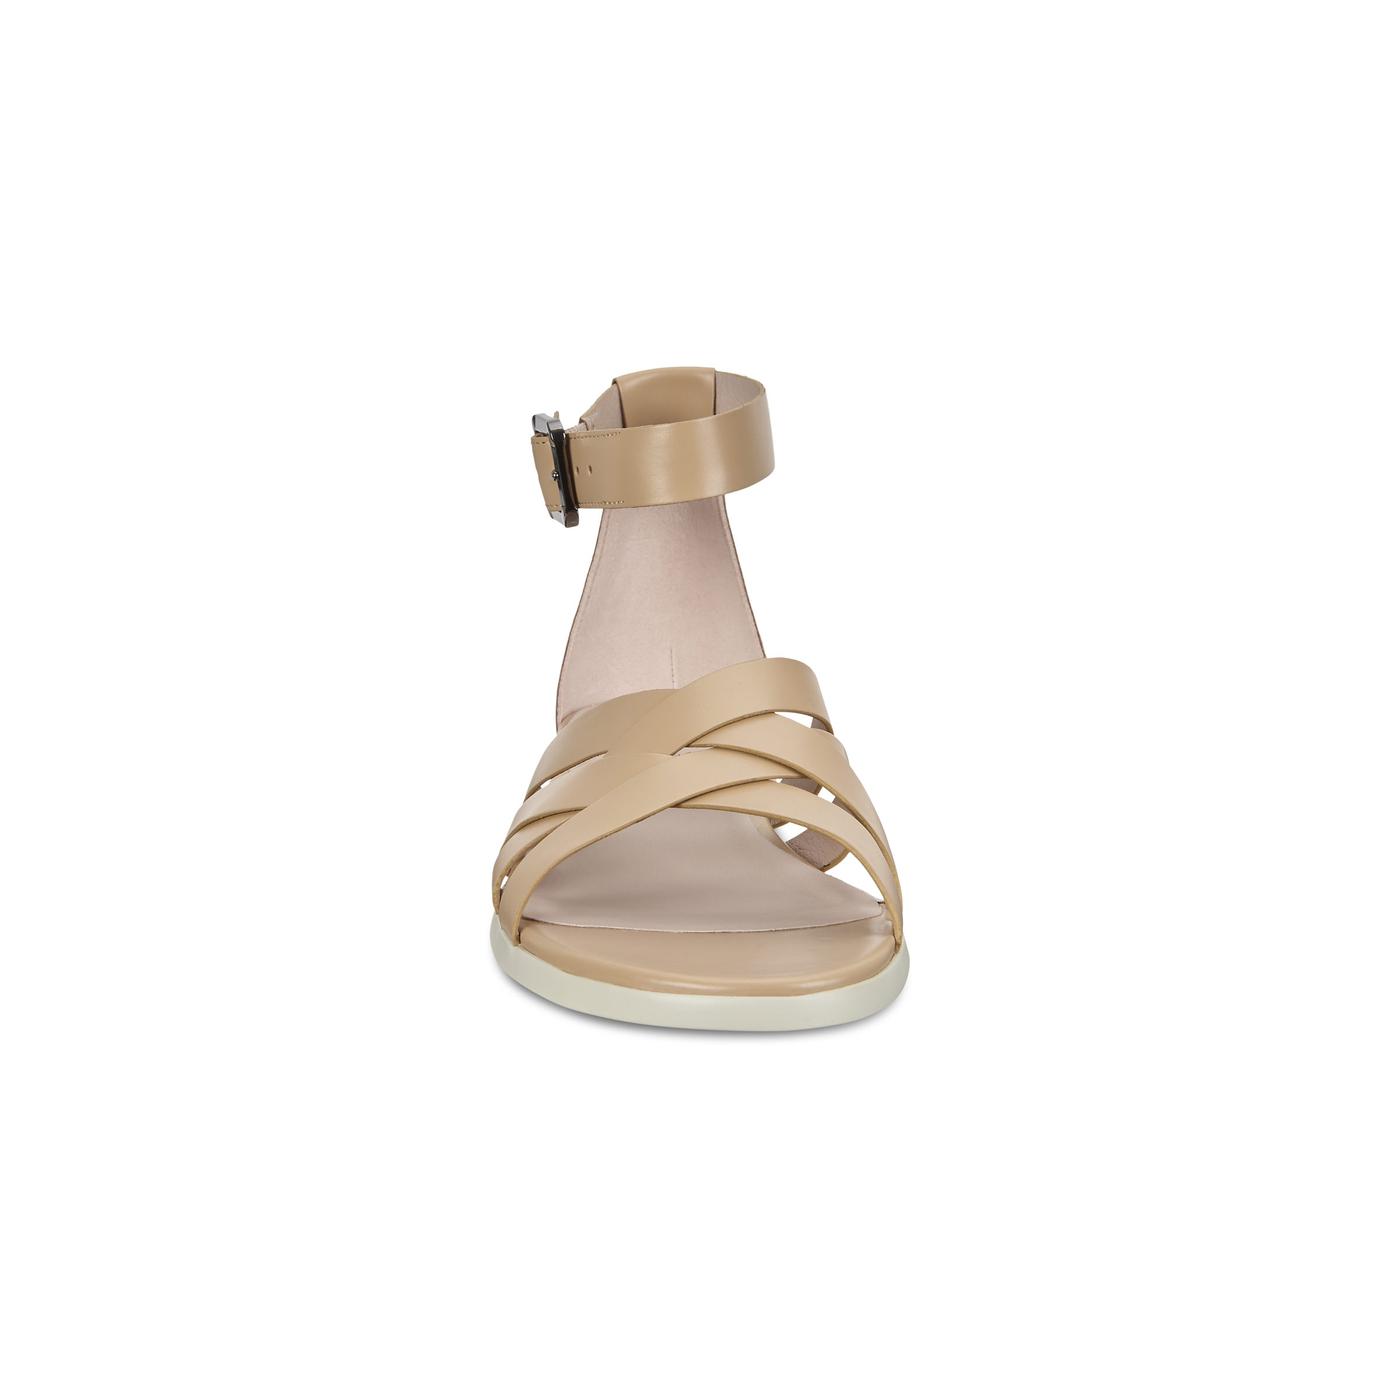 ECCO W FLAT SANDAL Flat Sandal